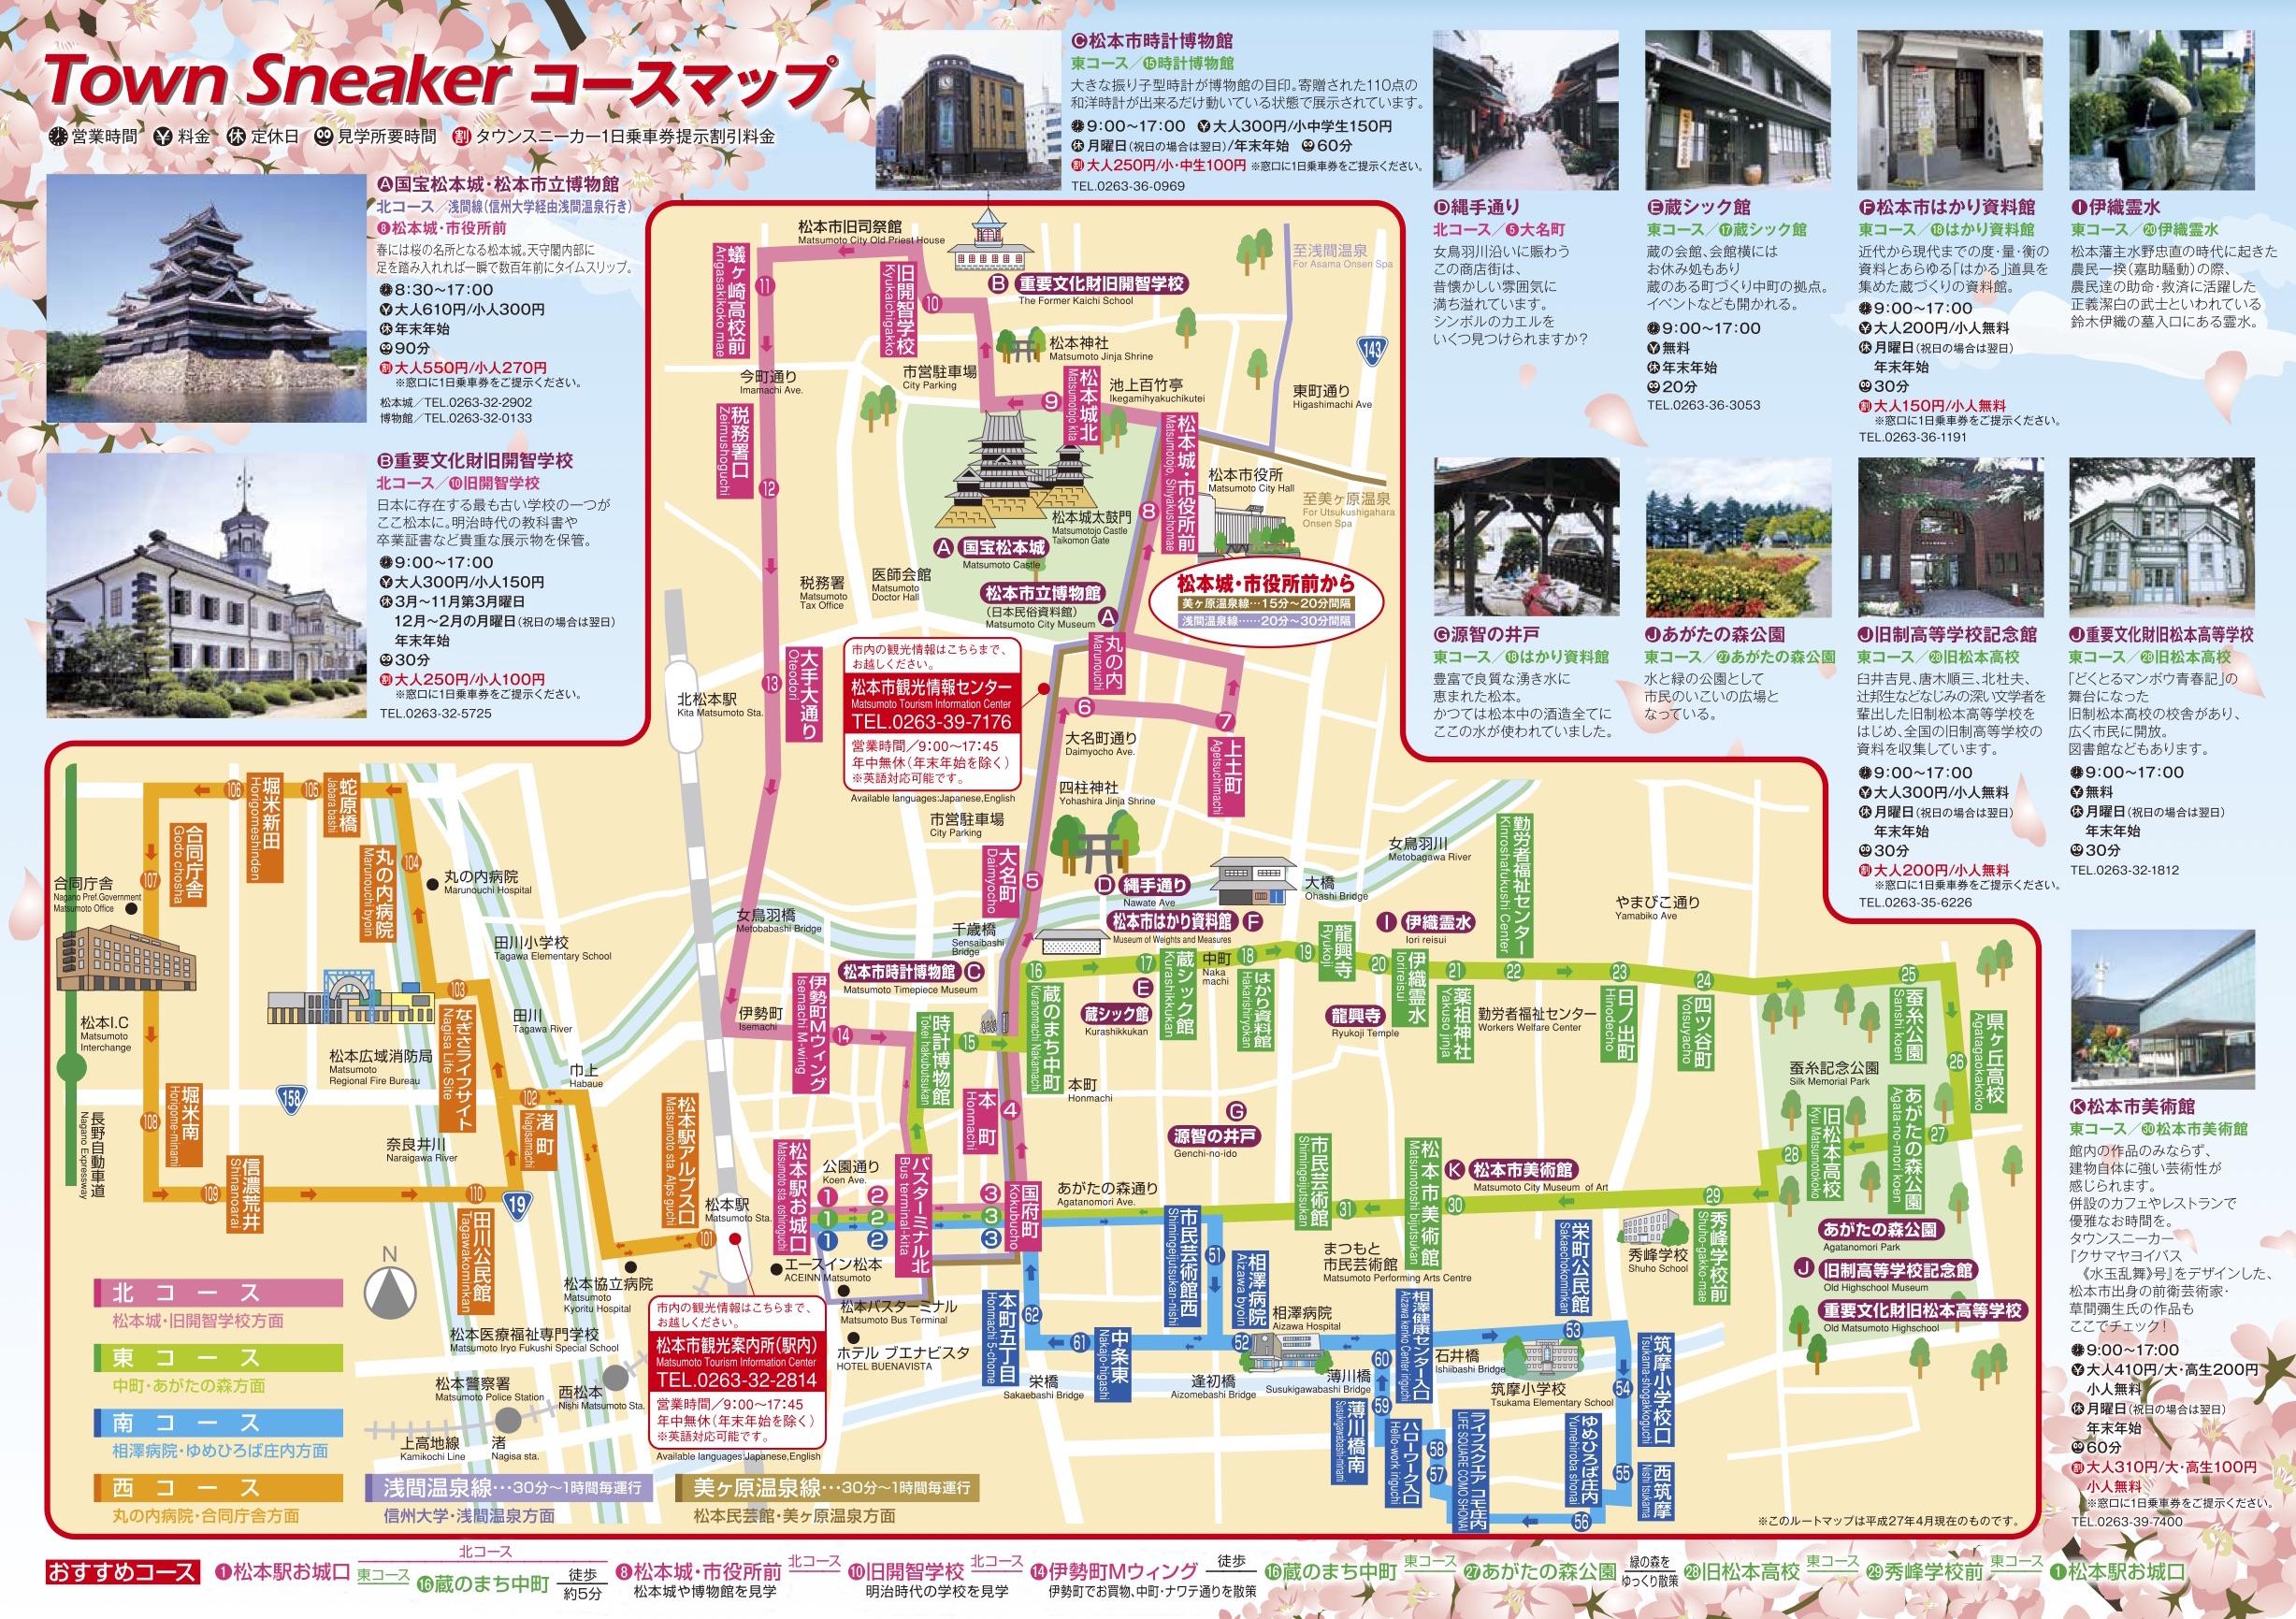 townsneaker201504_2